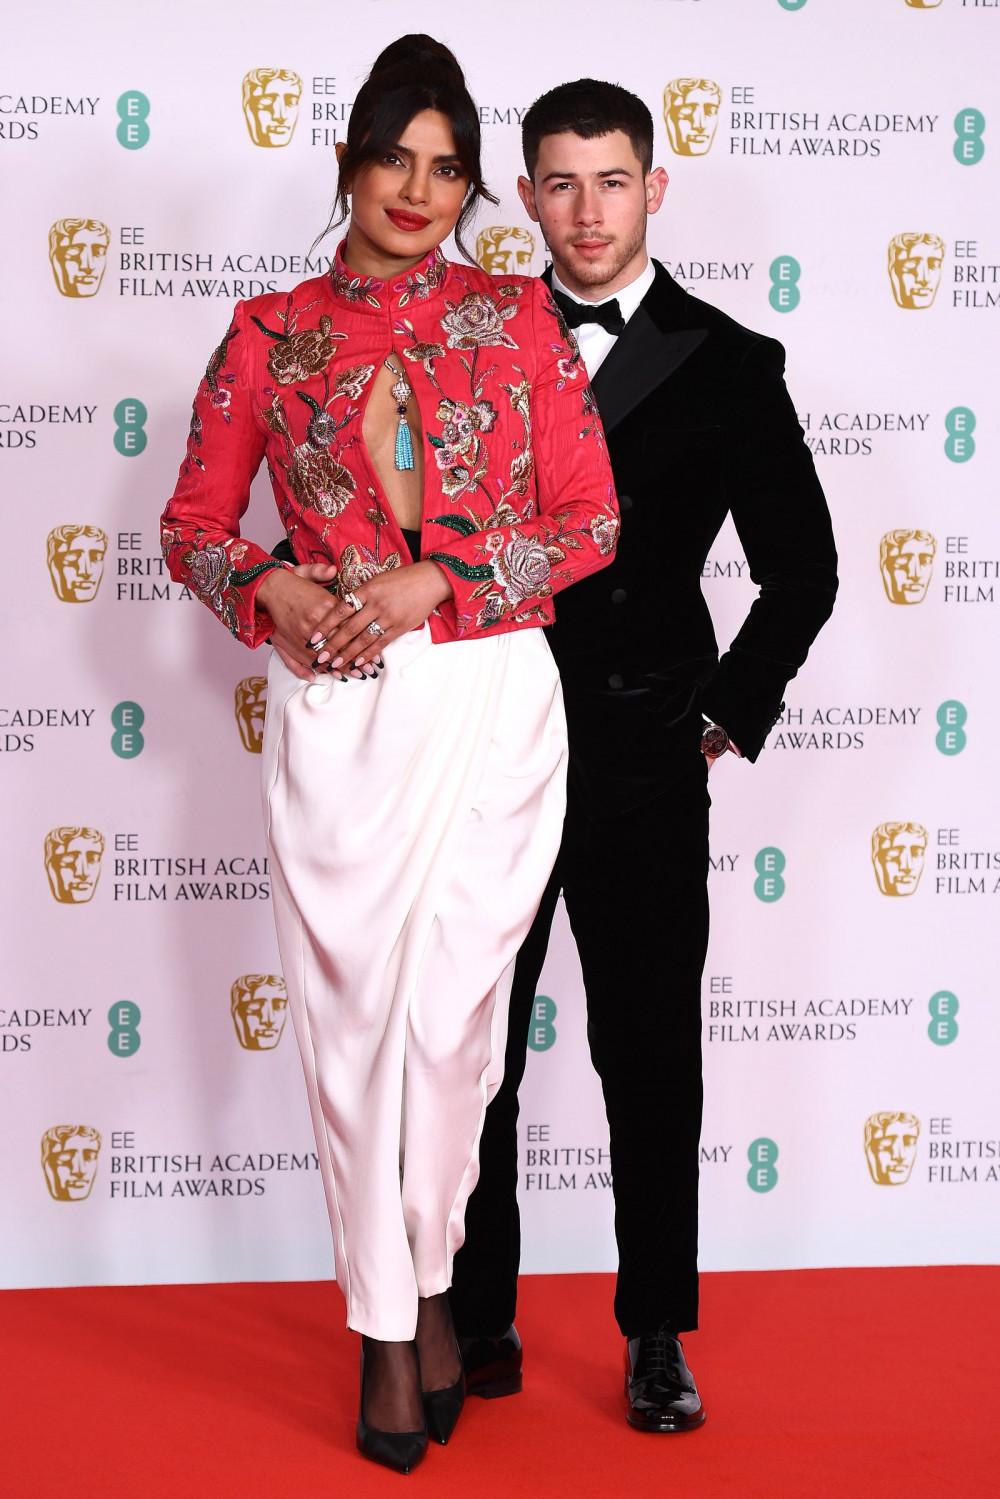 Dẫu có một số sự vắng mặt đáng tiếc và thay đổi nhỏ trong khâu tổ chức để phòng chống dịch COVID-19, không cho phép khán giả tham dự nhưng cuộc so kè phong cách thời trang của các ngôi sao vẫn đủ sức tạo nên sức nóng và khuấy đảo thảm đỏ lễ trao giải. Nữ diễn viên Priyanka Chopra cuốn hút với vẻ ngoài sang trọng trong trang sức Pertegaz và Bvlgari, trong khi Nick Jonas (chồng Priyanka Chopra) lịch lãm với bộ vest đến từ thương hiệu Giorgio Armani.